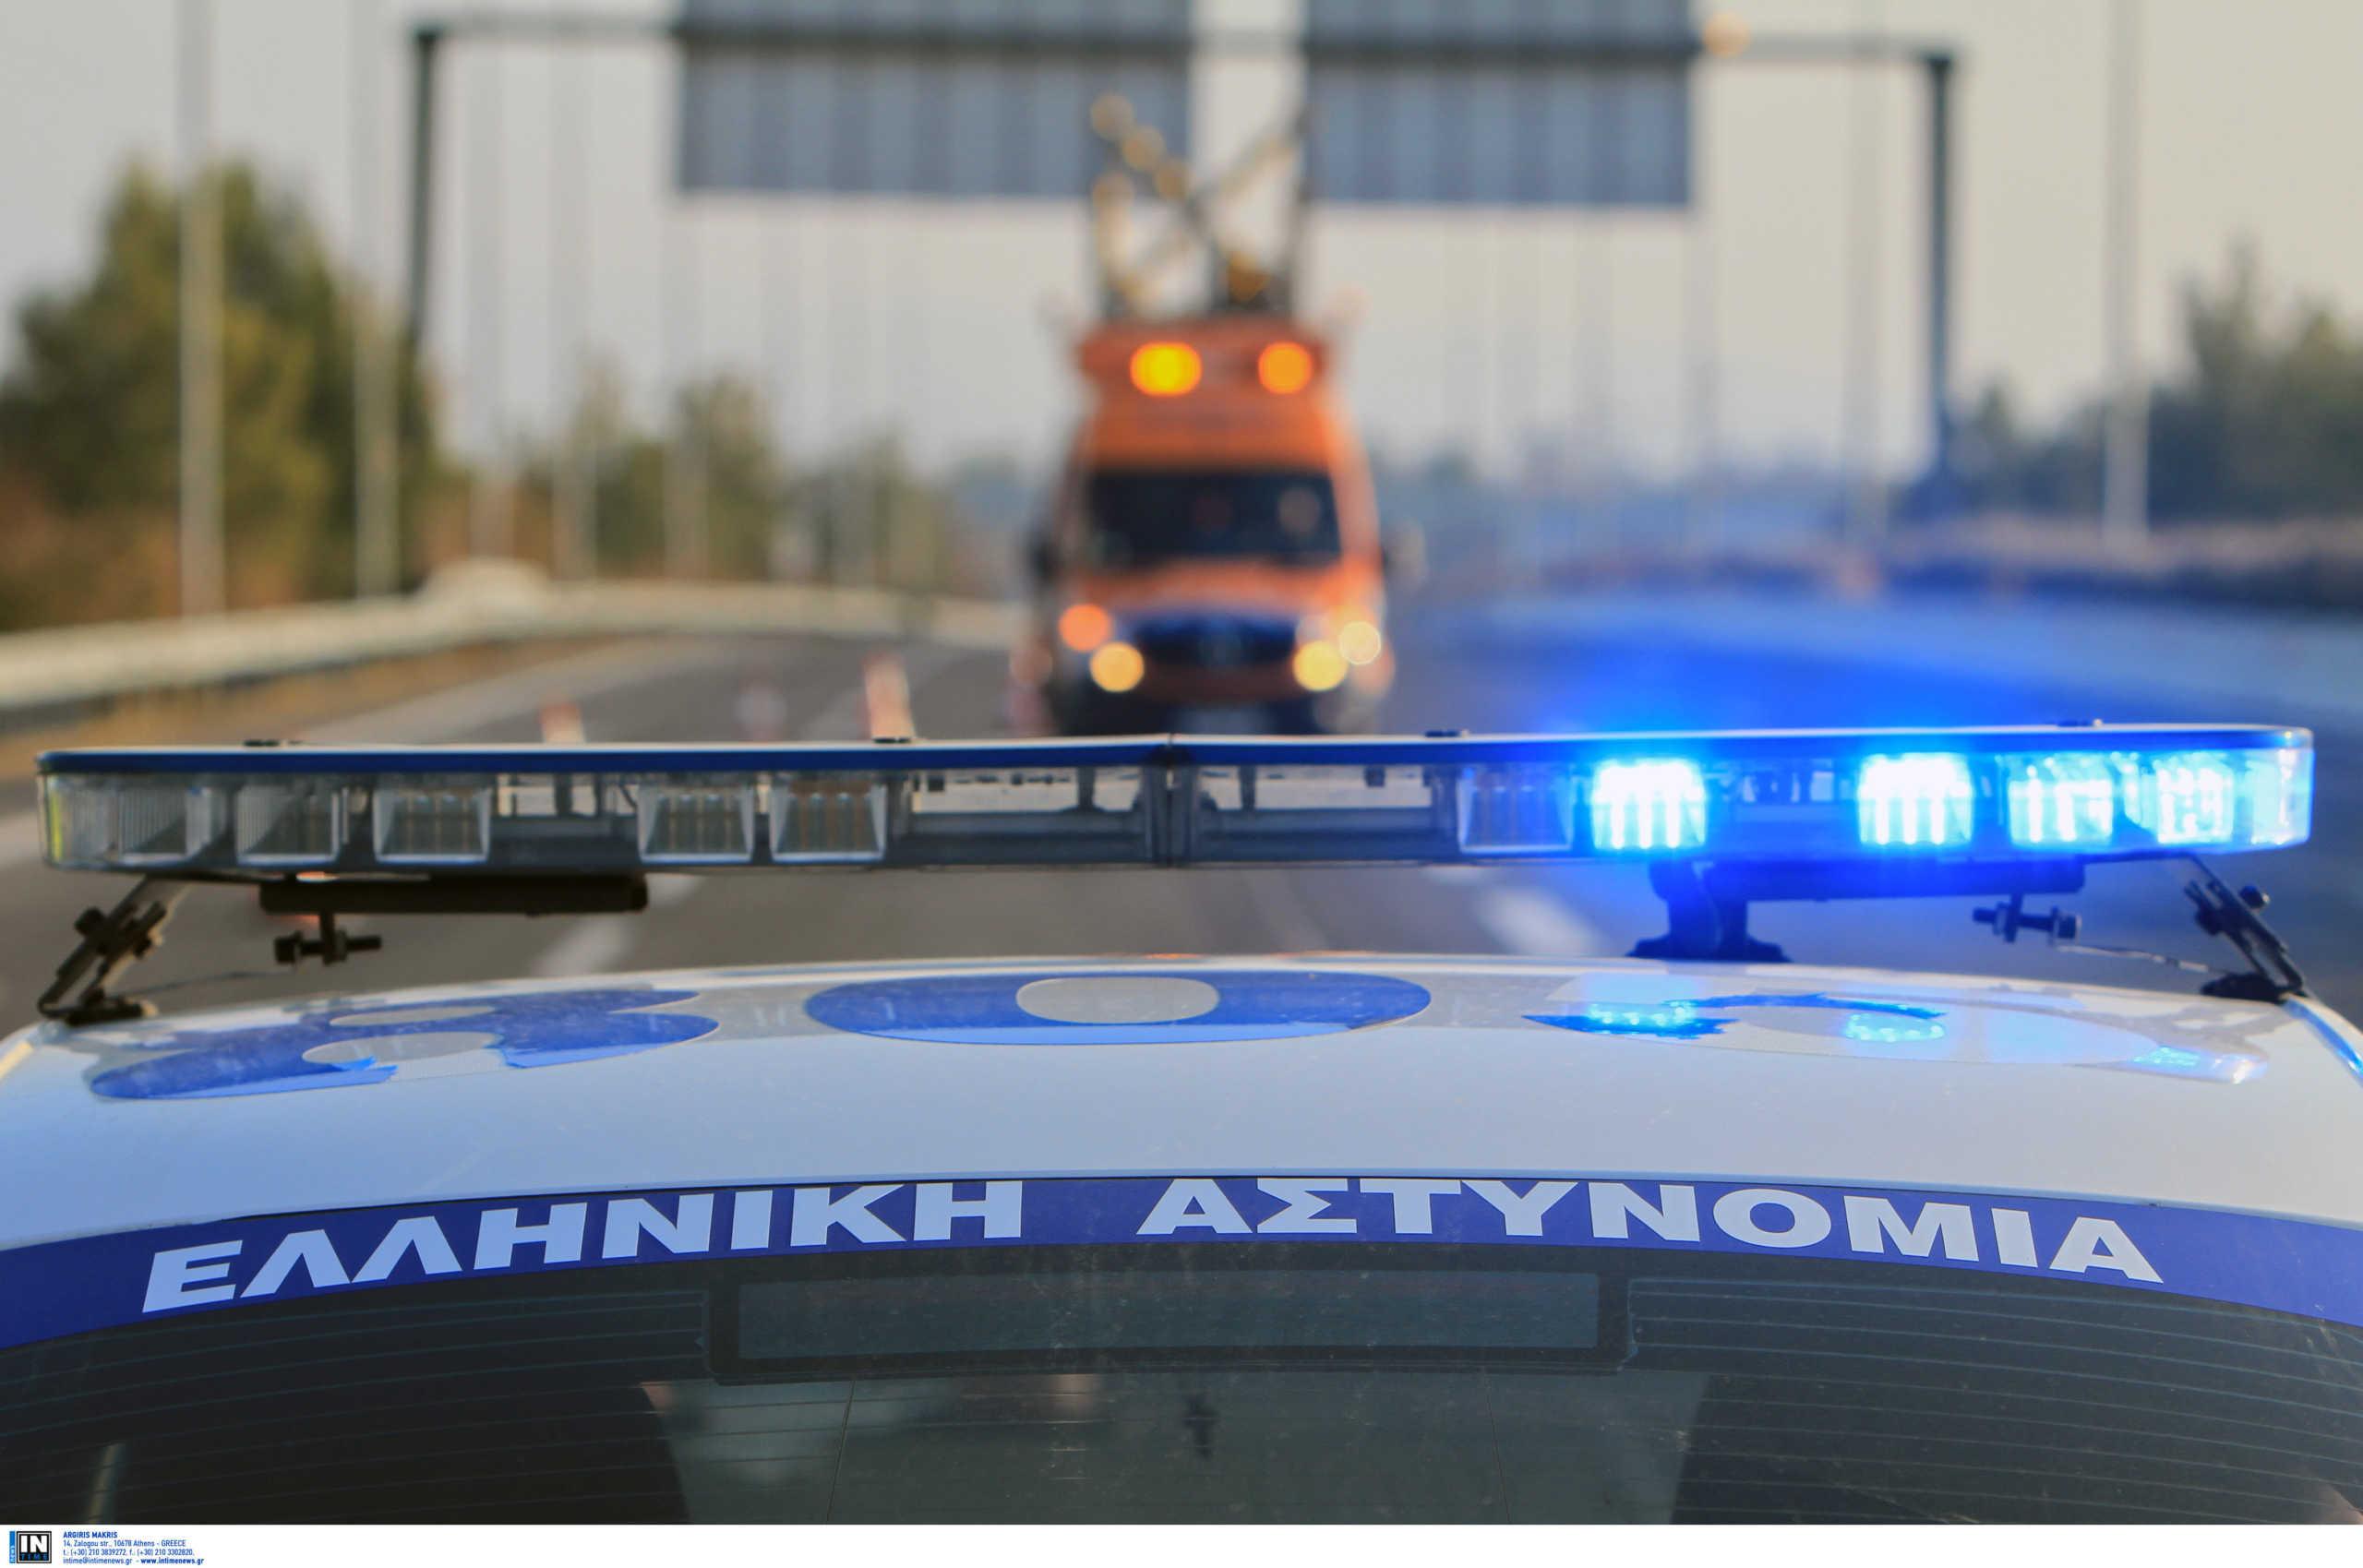 Θεσσαλονίκη: Ξεκινούν οι εργασίες στήριξης σε ρέμα στο Ρετζίκι μετά τις κατολισθήσεις